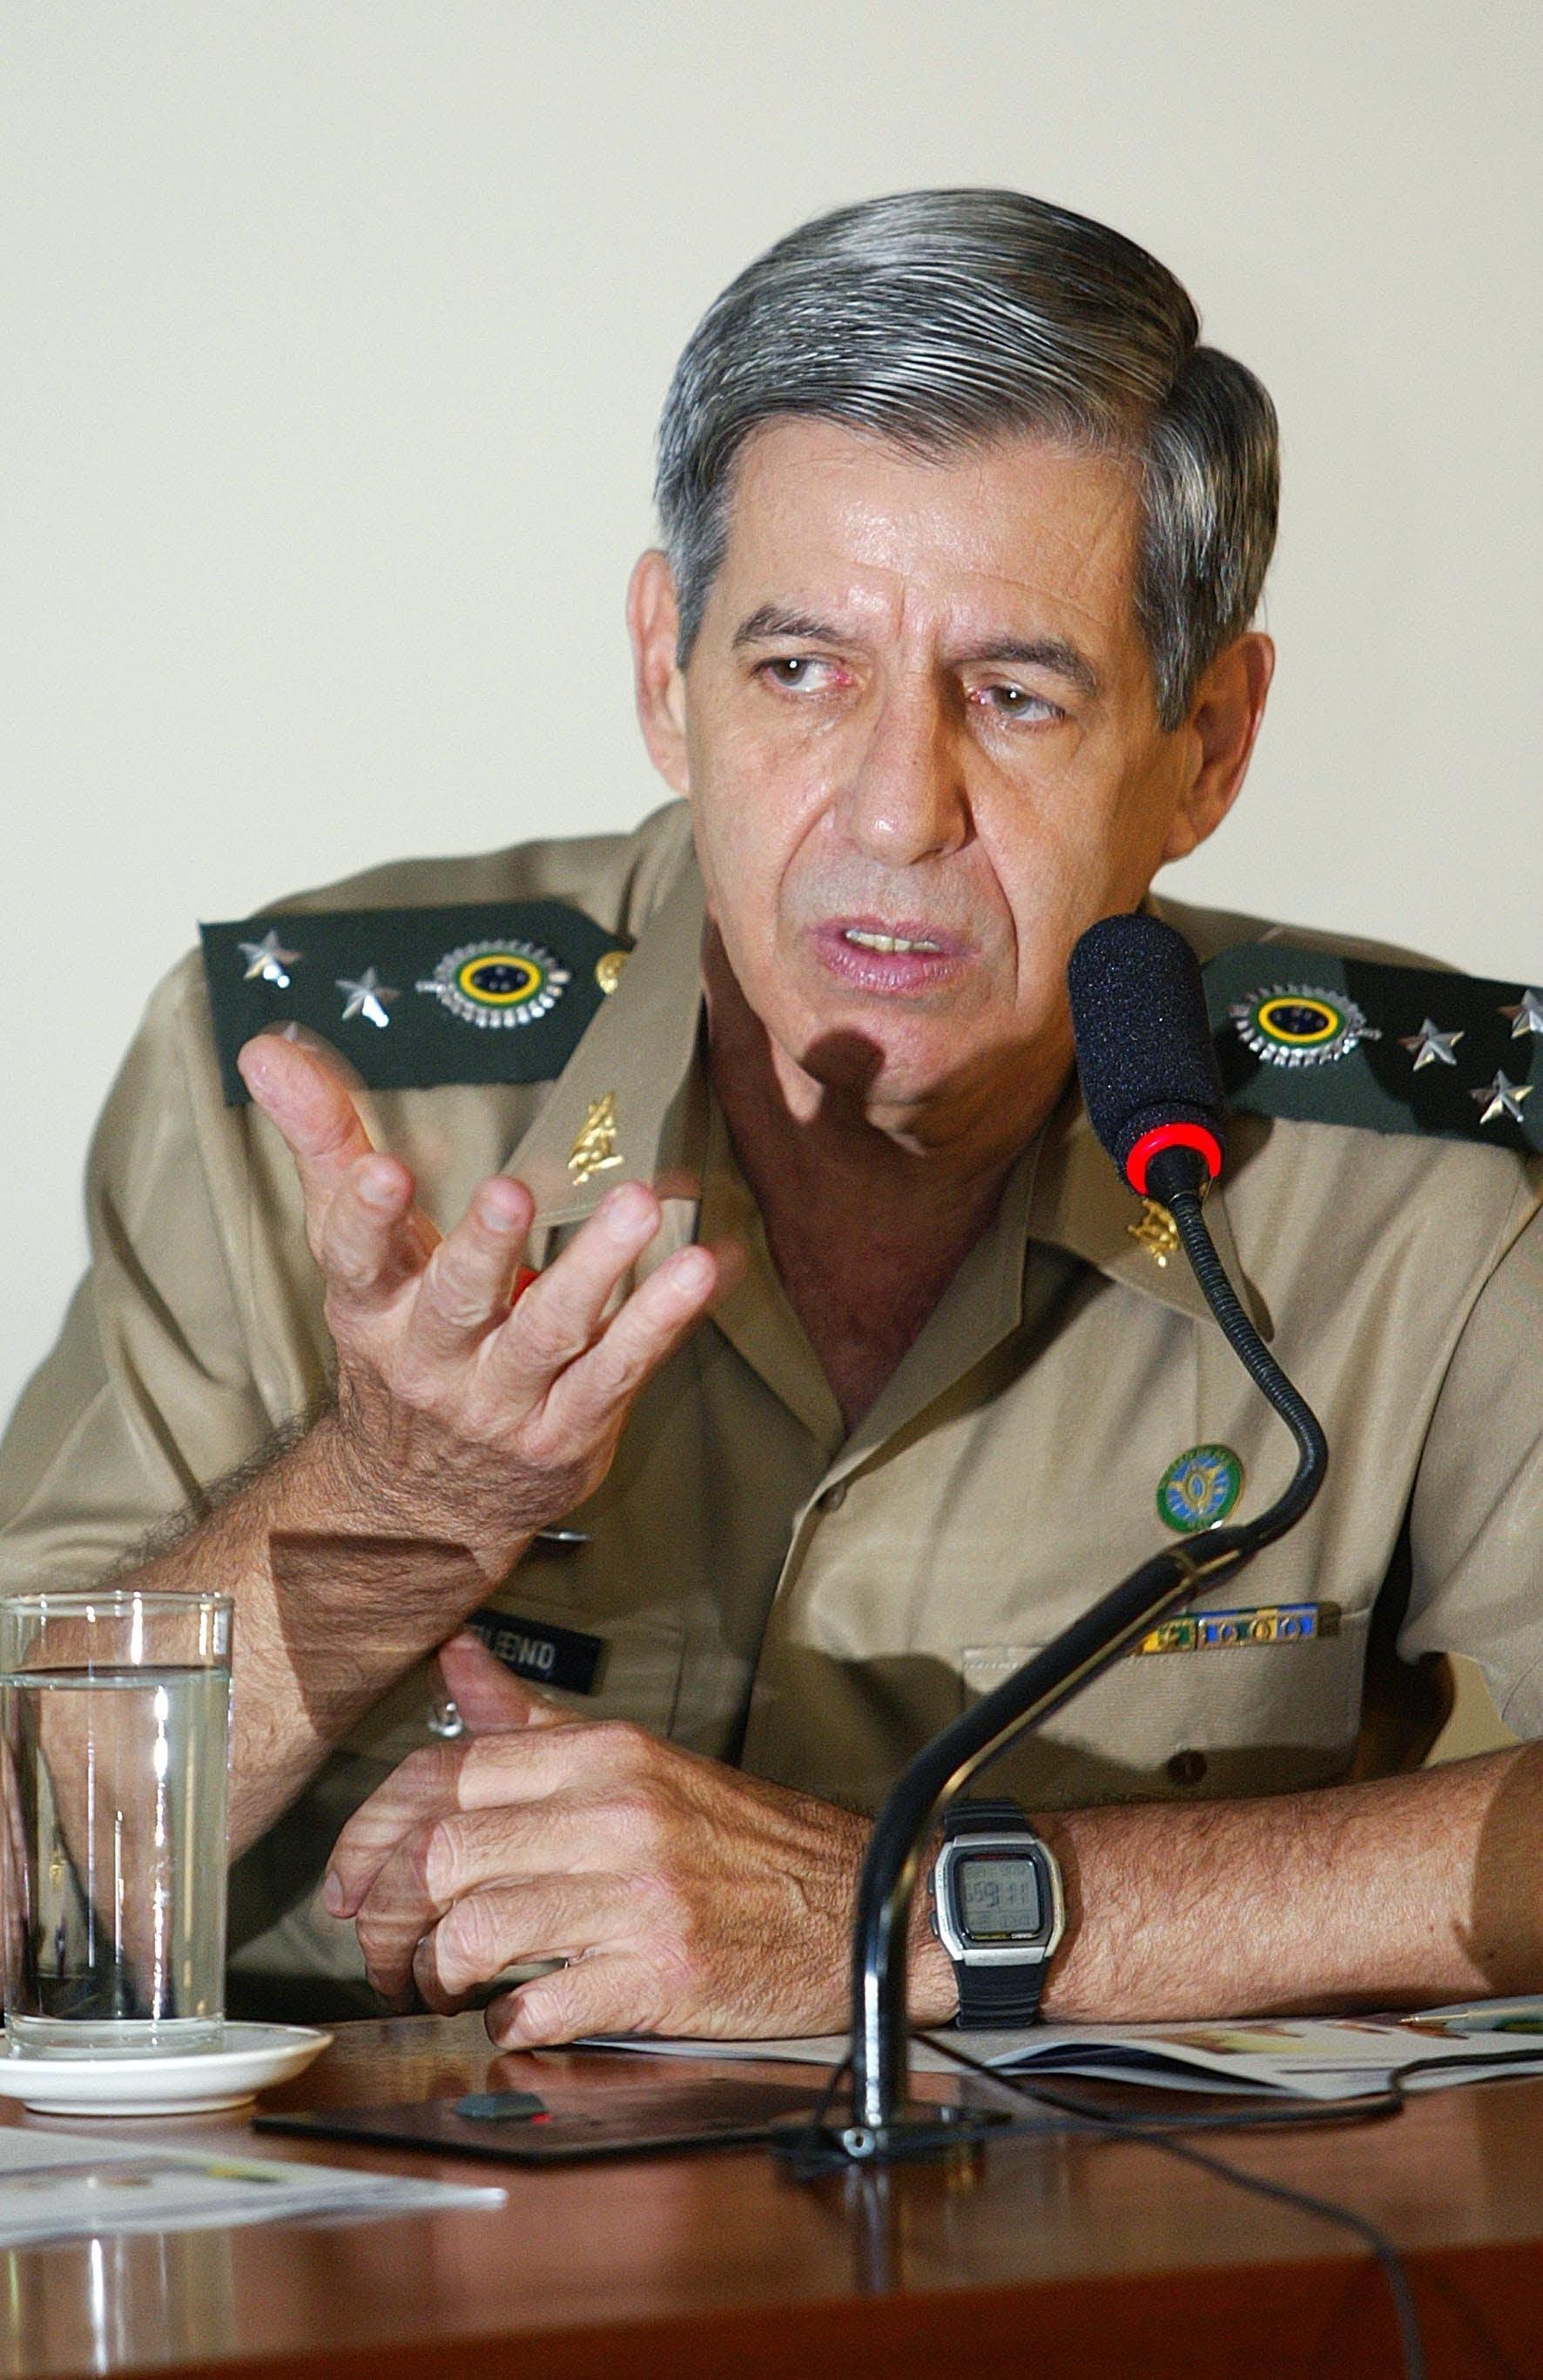 BRASÍLIA, DF, BRASIL, 23-11-2005: O comandante da Forca de Paz do Haiti, general Augusto Heleno Ribeiro, fala na Comissão de Relações Exteriores da Câmara dos deputados, em Brasília (DF). (Foto: Alan Marques/Folhapress)